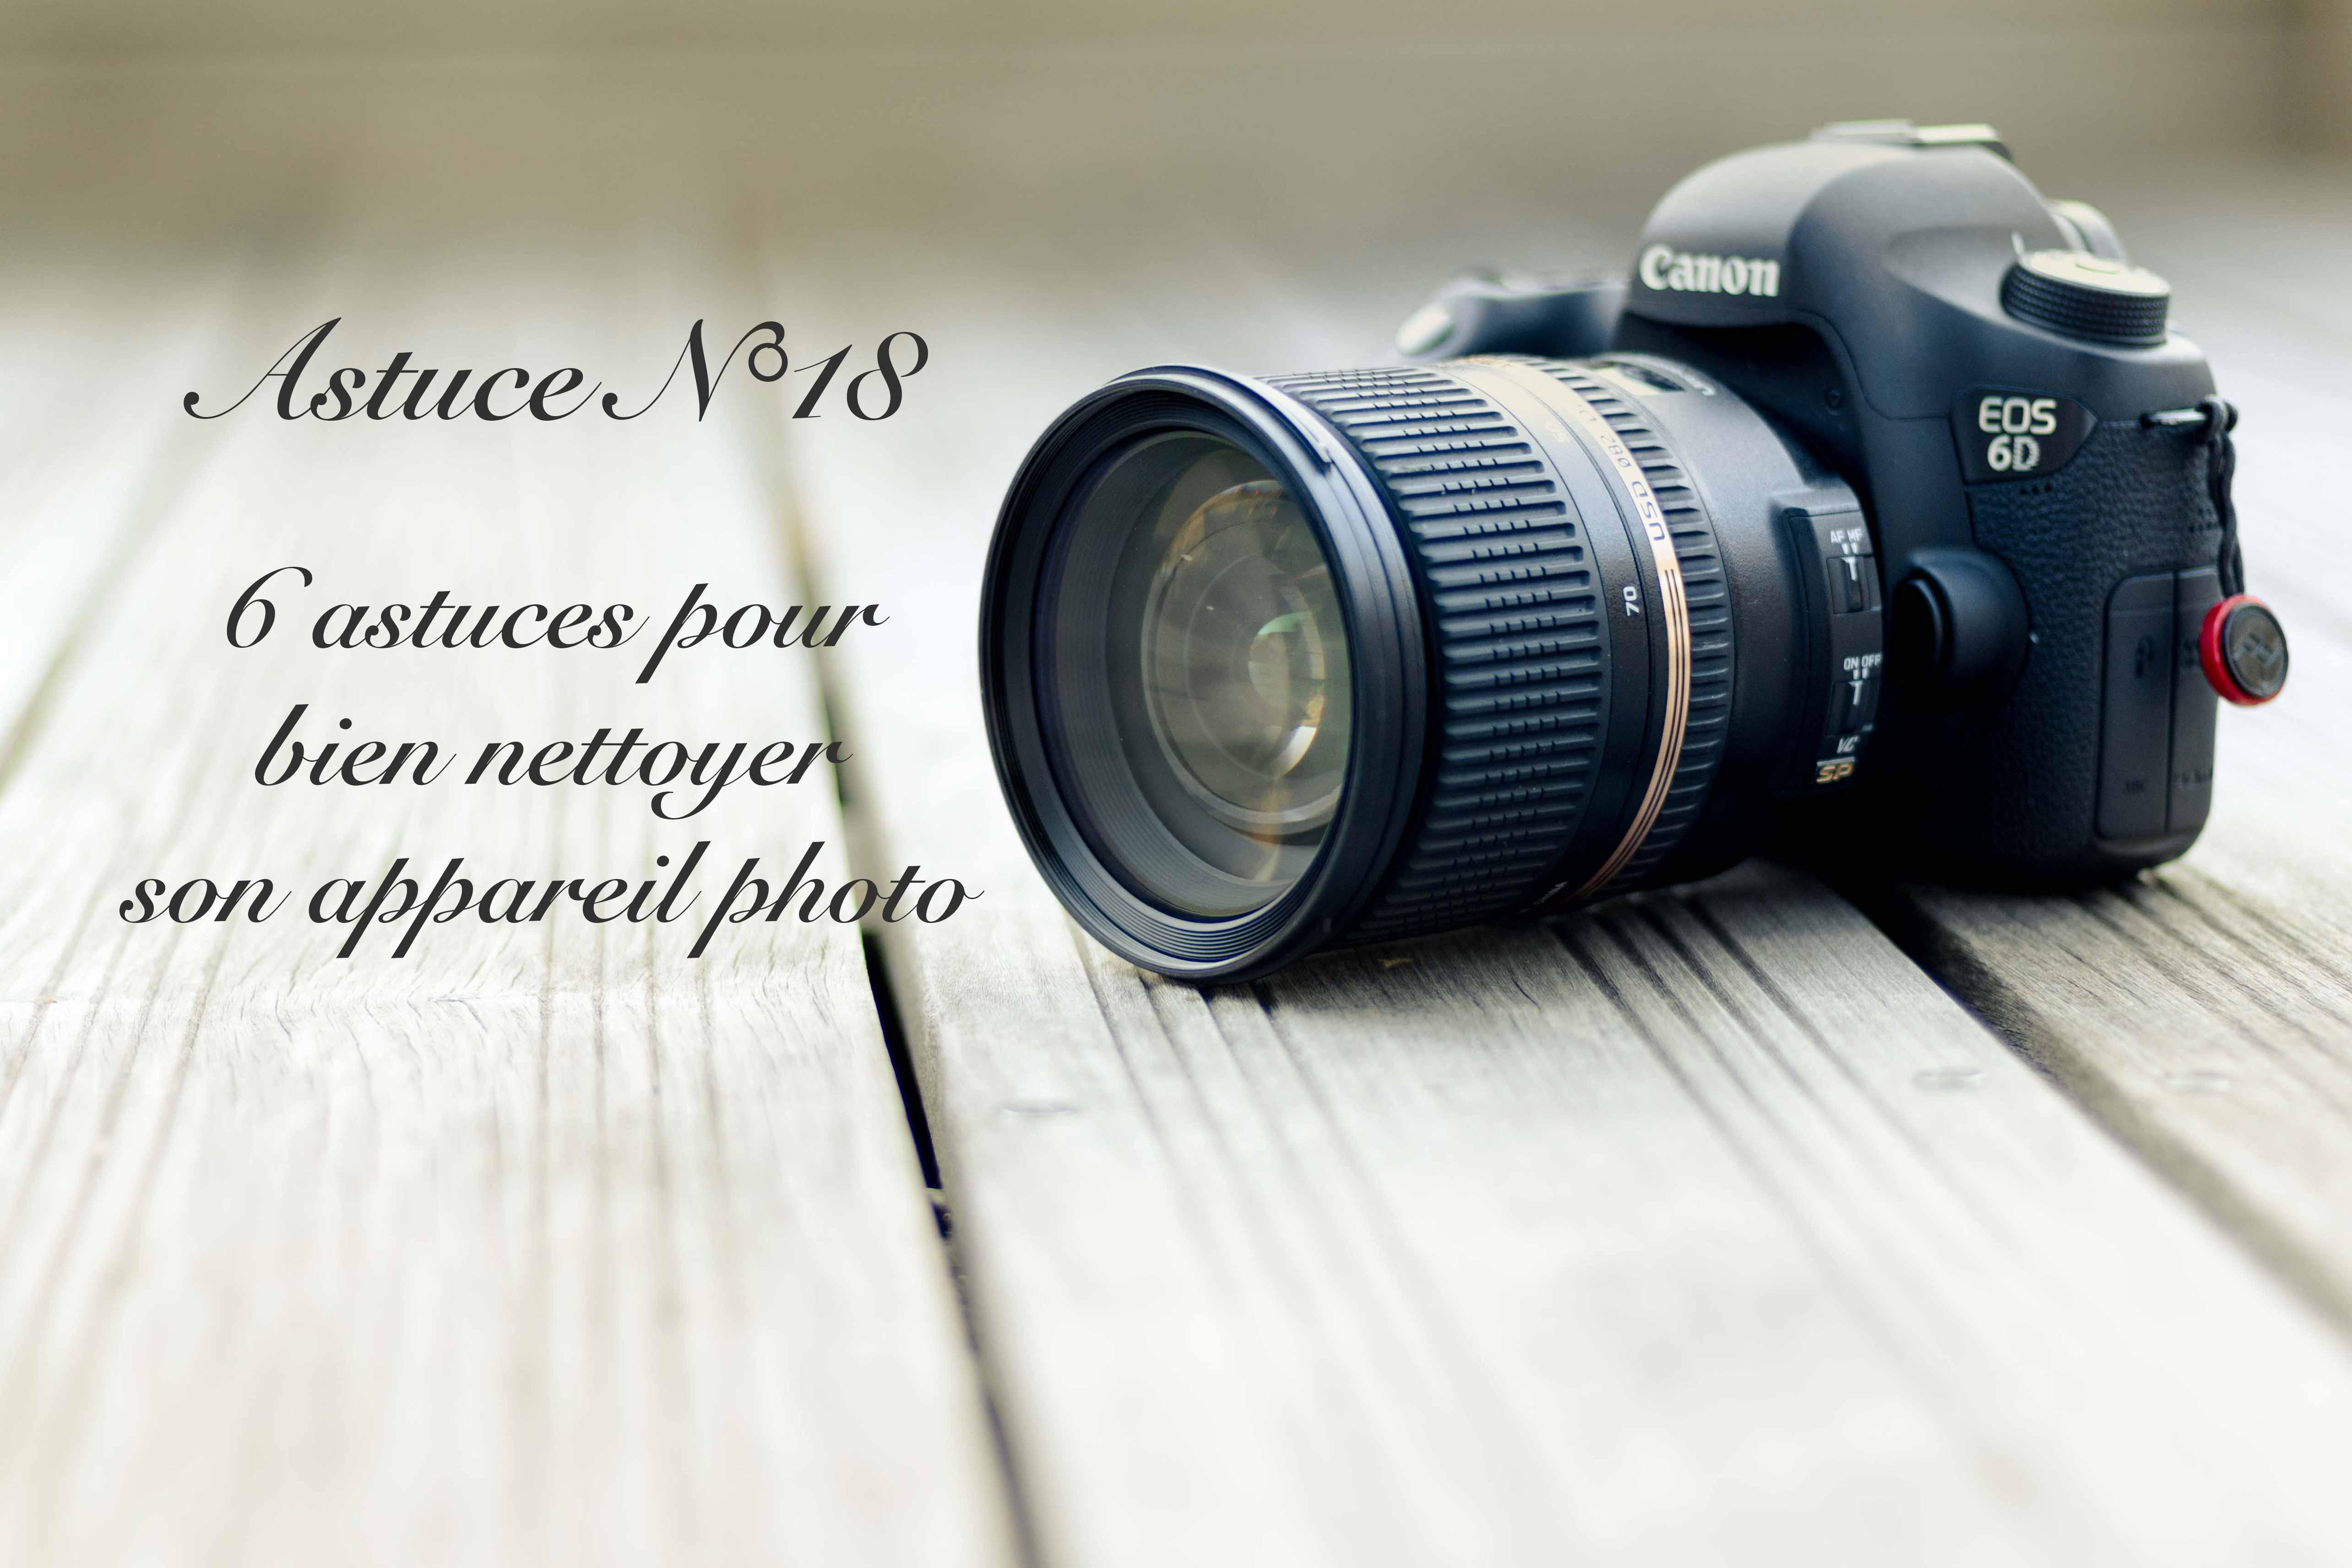 Nettoyer son appareil photo – 6 astuces pour éviter la casse ! (18/52)